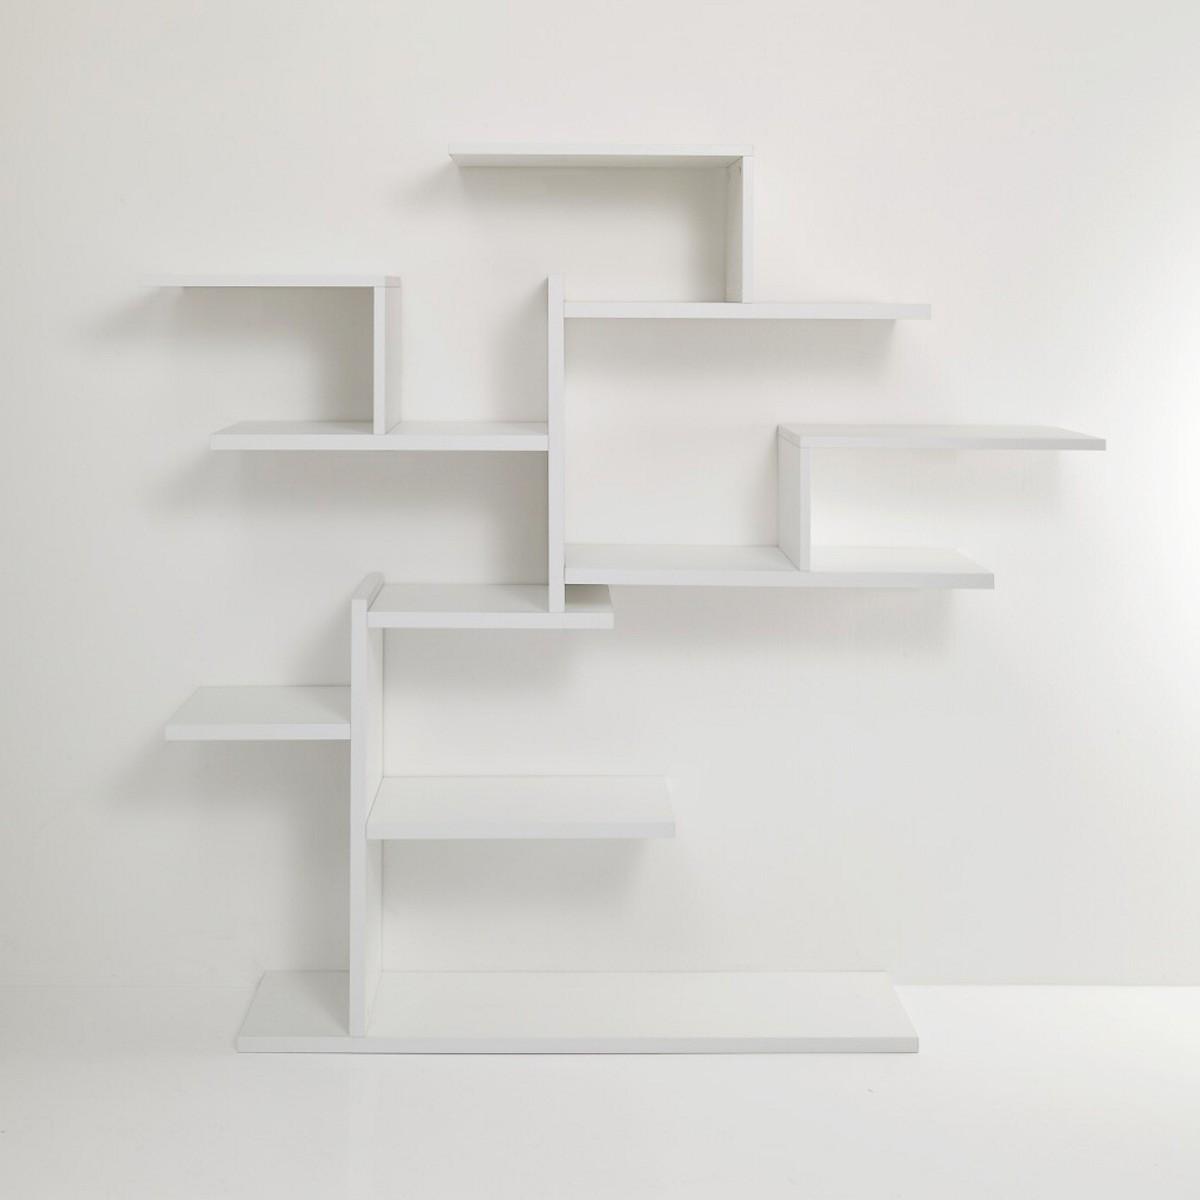 Libreria ad albero plant da parete in legno bianco 150 x for Librerie modulari economiche